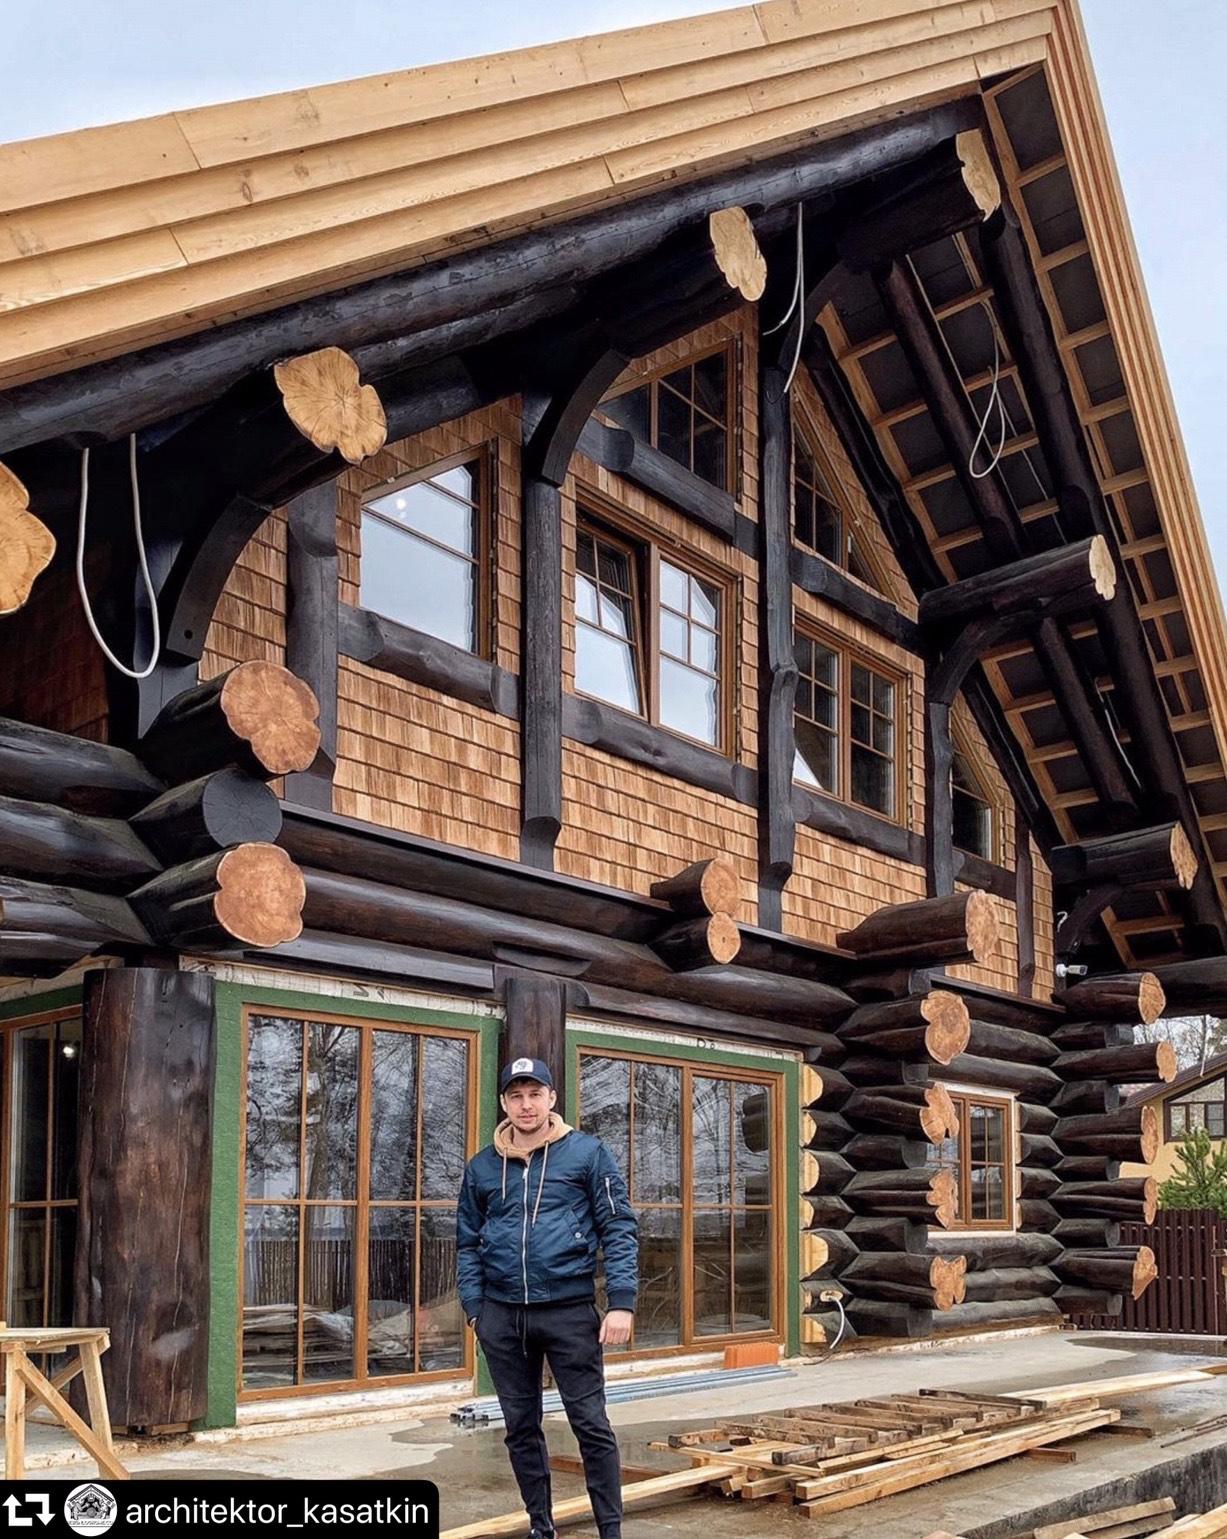 Derevyannyj Dom Iz Brevna Derevyannyj Dom Iz Brevna Brevna Derevyannyj Dom Iz Timber Frame Construction Timber House Rustic House